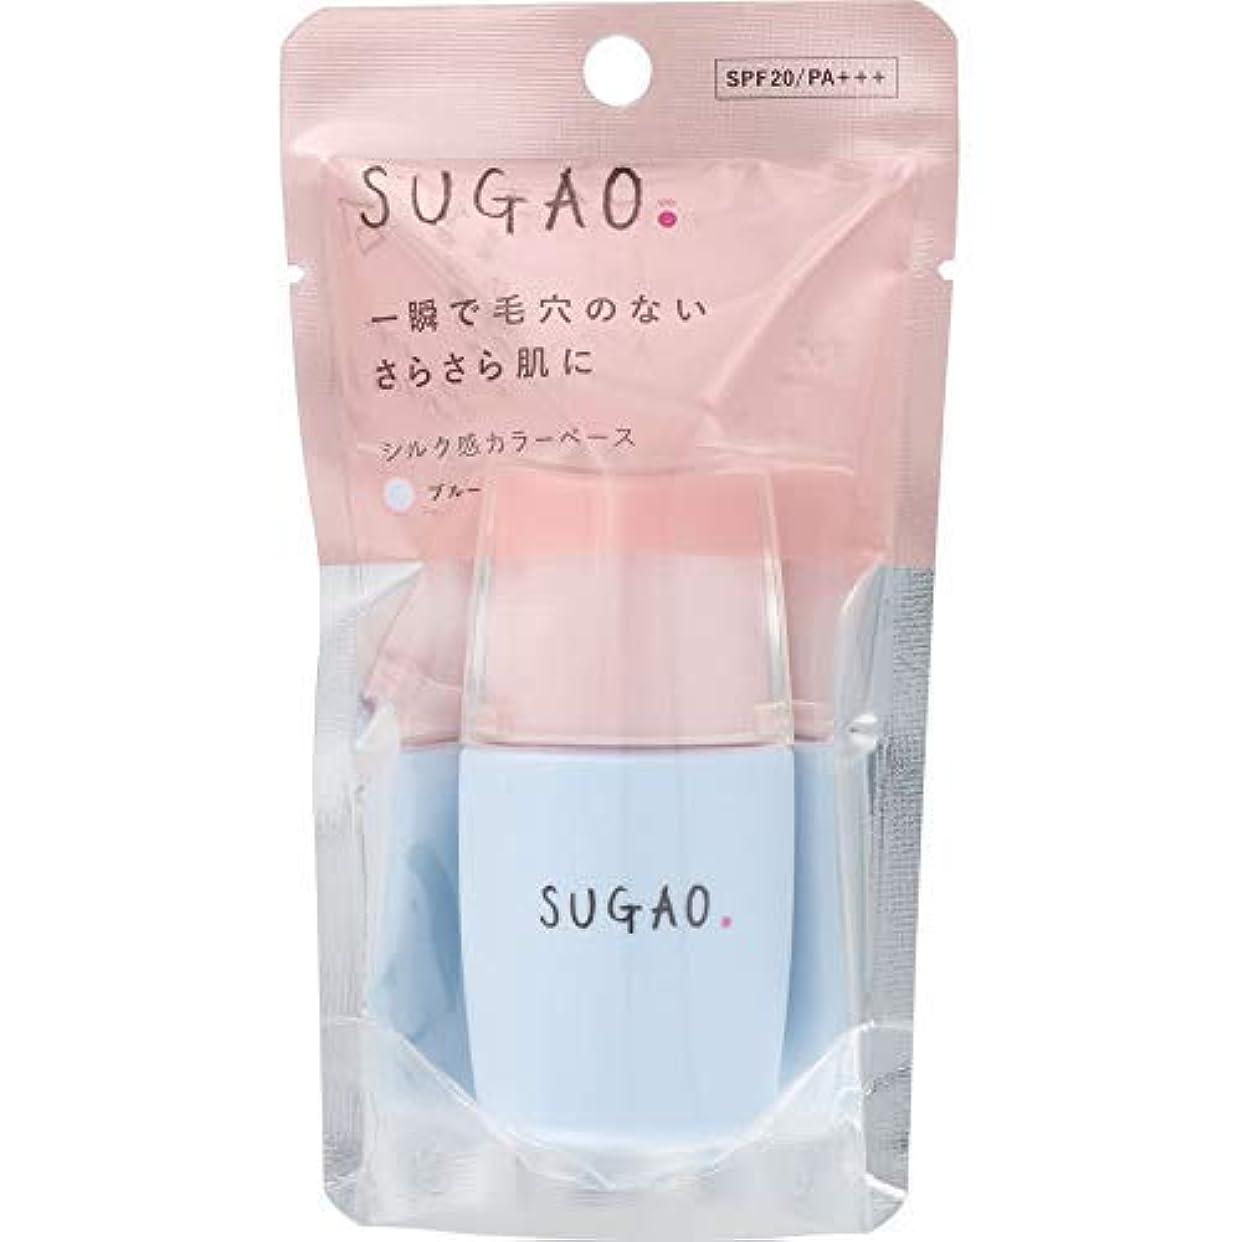 道に迷いました作るせっかちSUGAO シルク感カラーベース ブルー × 2個セット